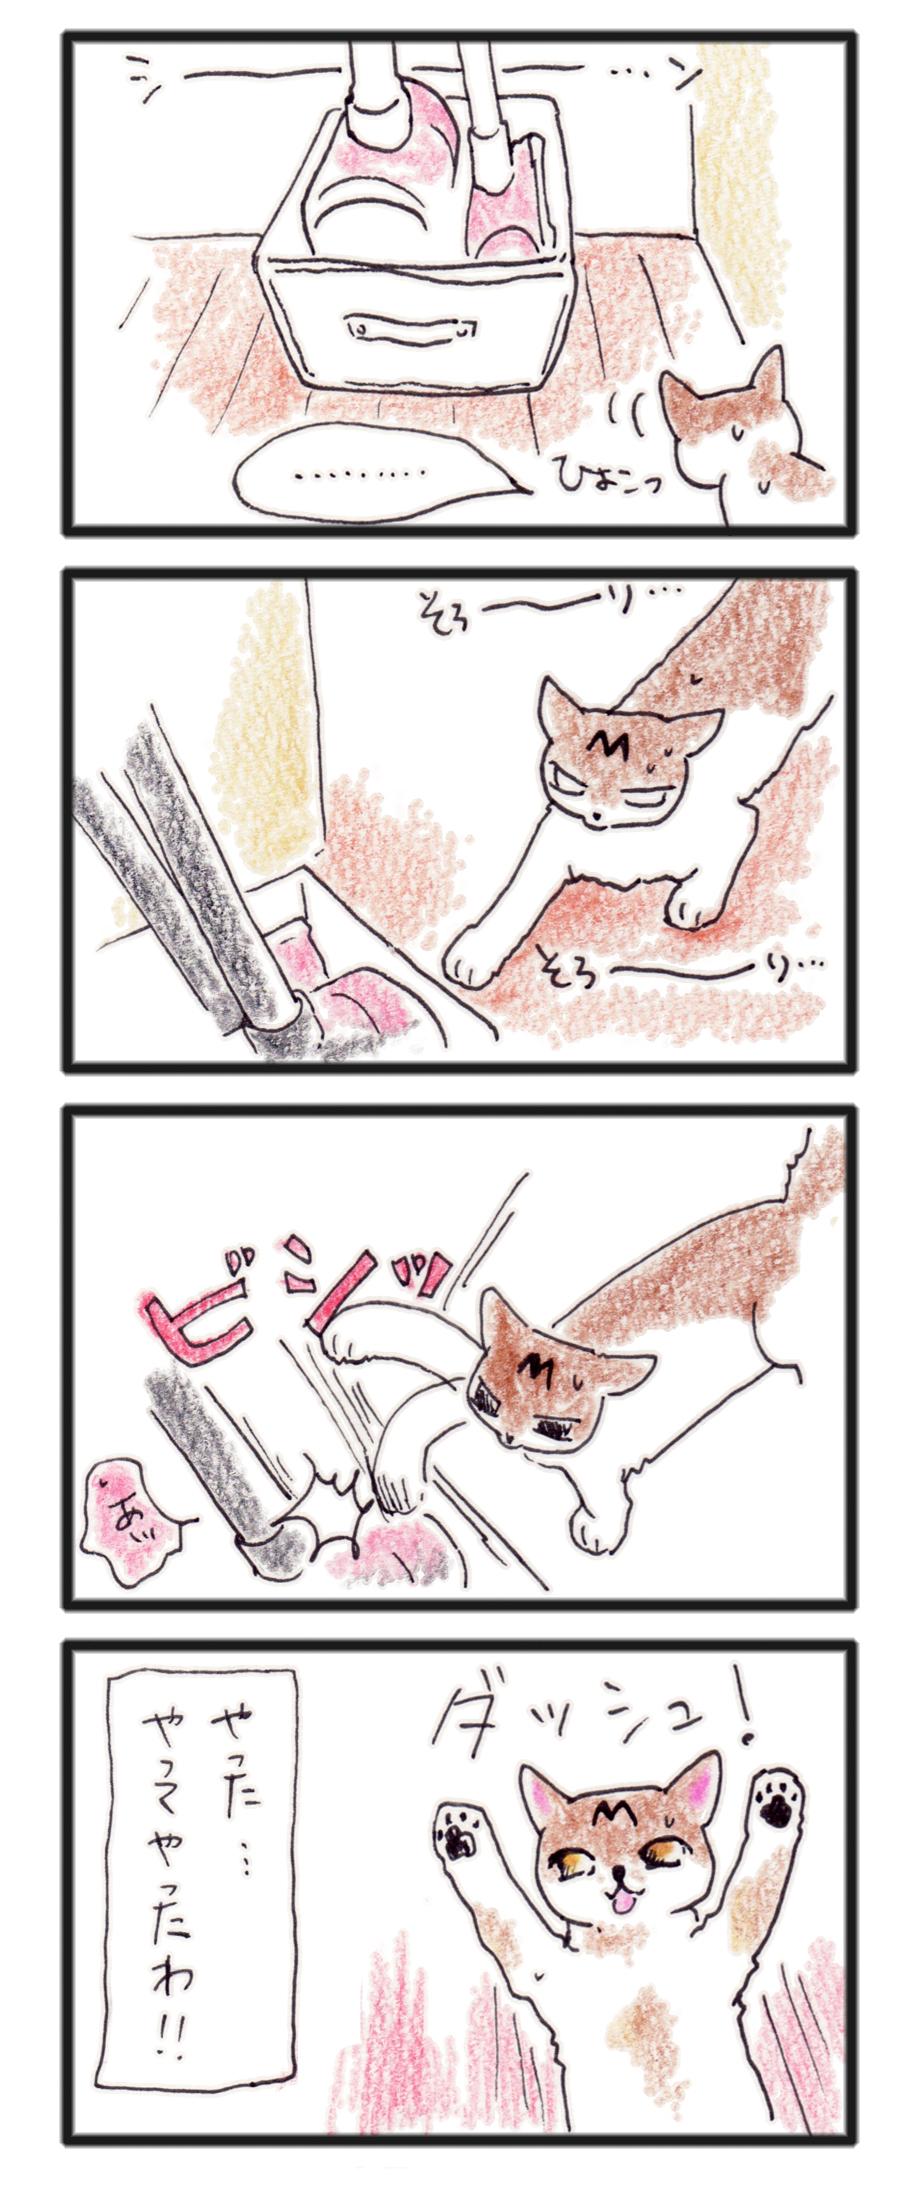 comic_4c_14030602.jpg